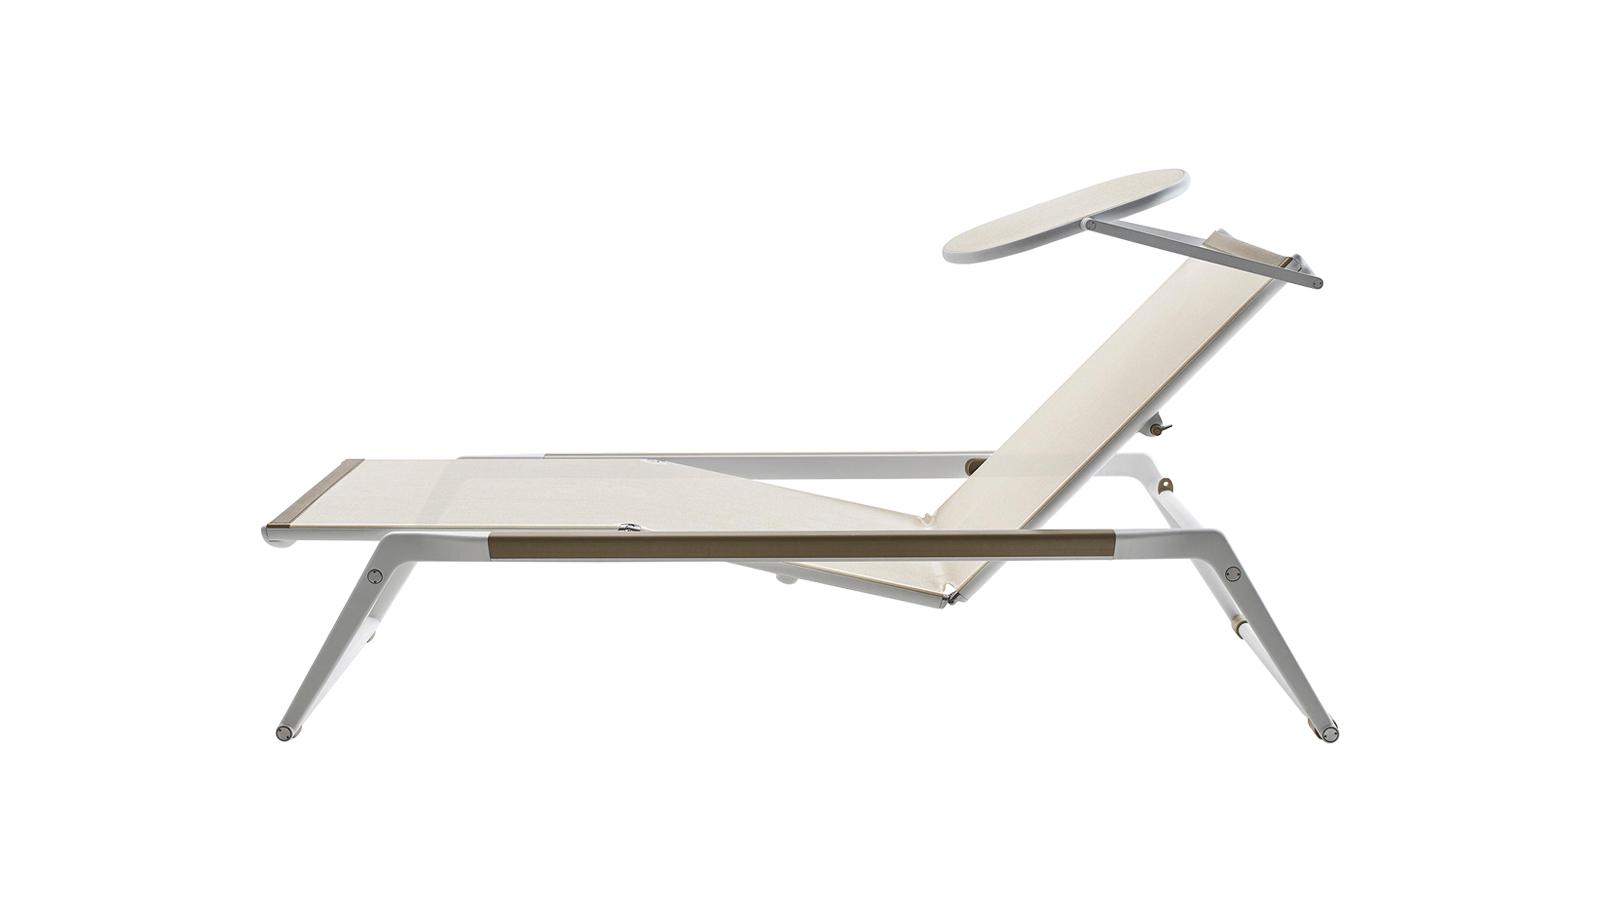 Hagyományos formavilág, minimalista szellemben – nem csoda, hogy Antonio Citterio sztárdesigner alkotása valódi ikonná vált az évek során. A B&B Italia bútorának alumínium szerkezete és az egyedi, vízálló fekvőfelülete tökéletes egységgé forr össze, mely könnyen mozgatható, vízálló, és rendkívül tartós.